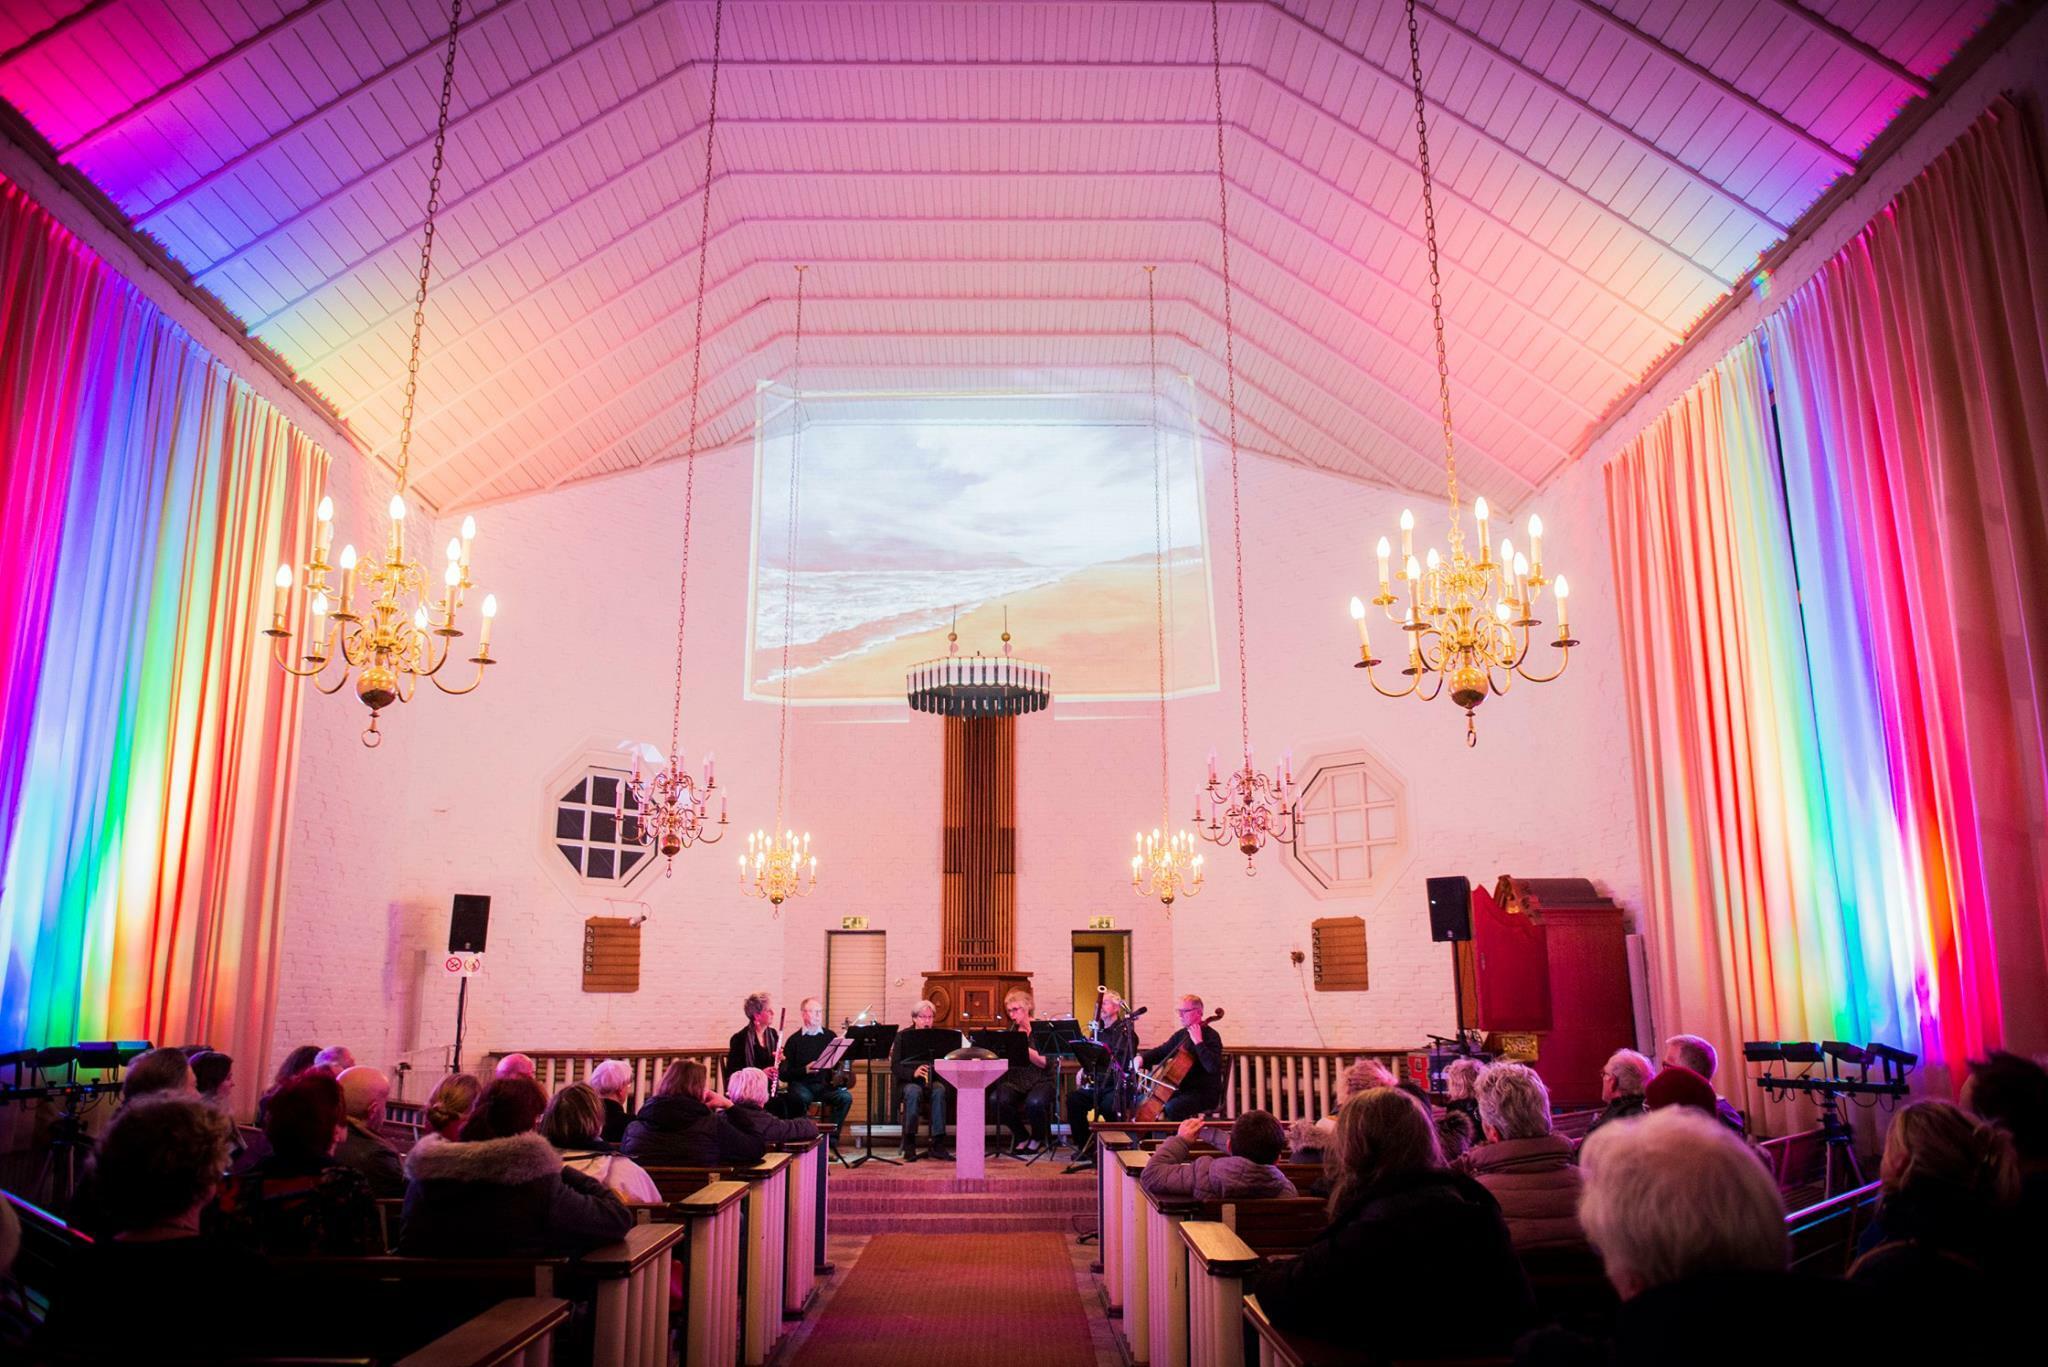 Cultuurnacht De Waal VVV Texel fotograaf Liselotte Schoo